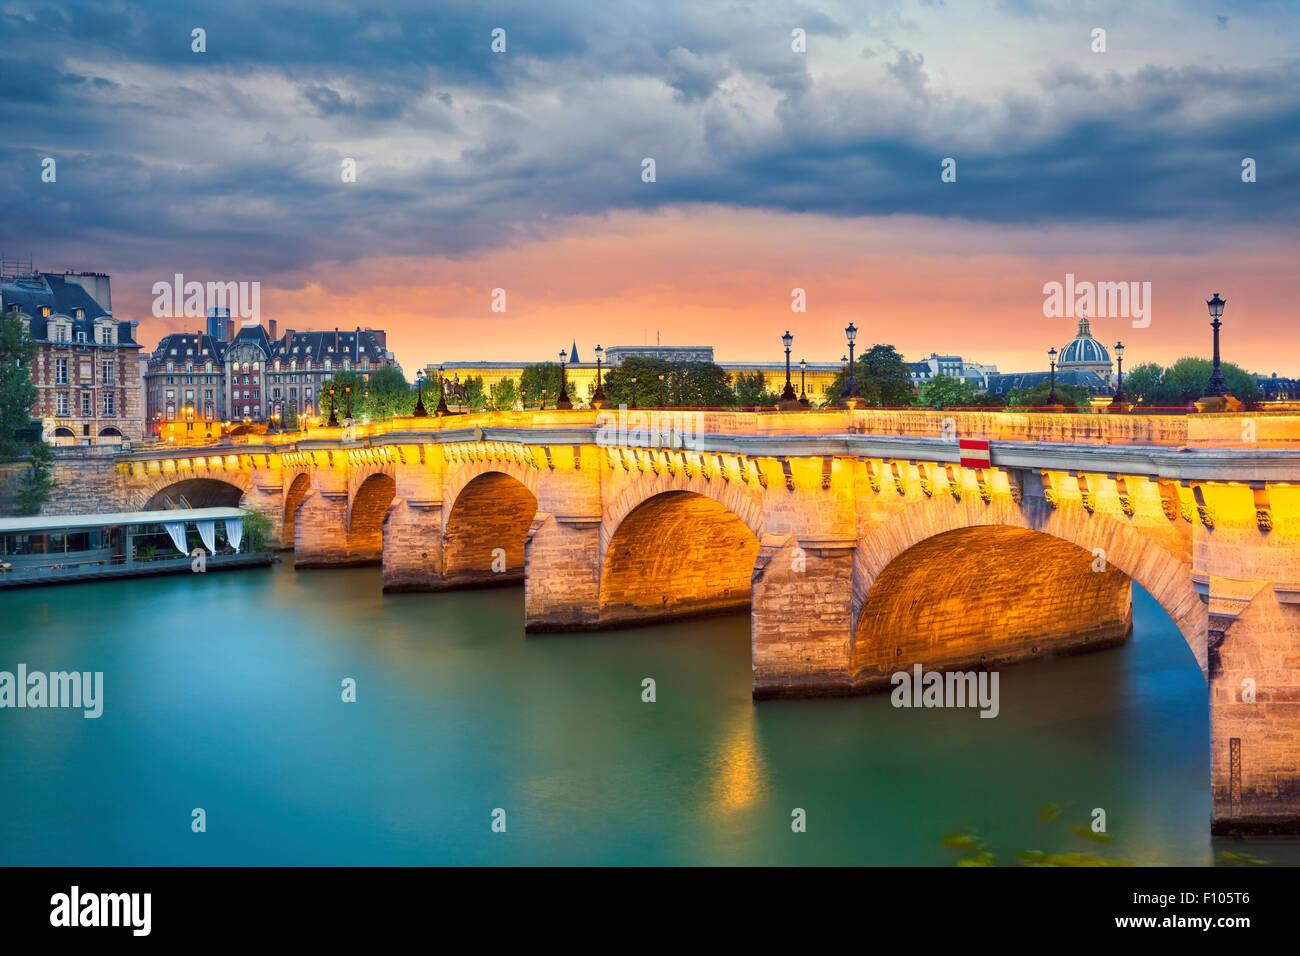 Paris. Bild des Pont Neuf, die älteste noch stehende Brücke über den Fluss Seine in Paris, Frankreich. Stockbild